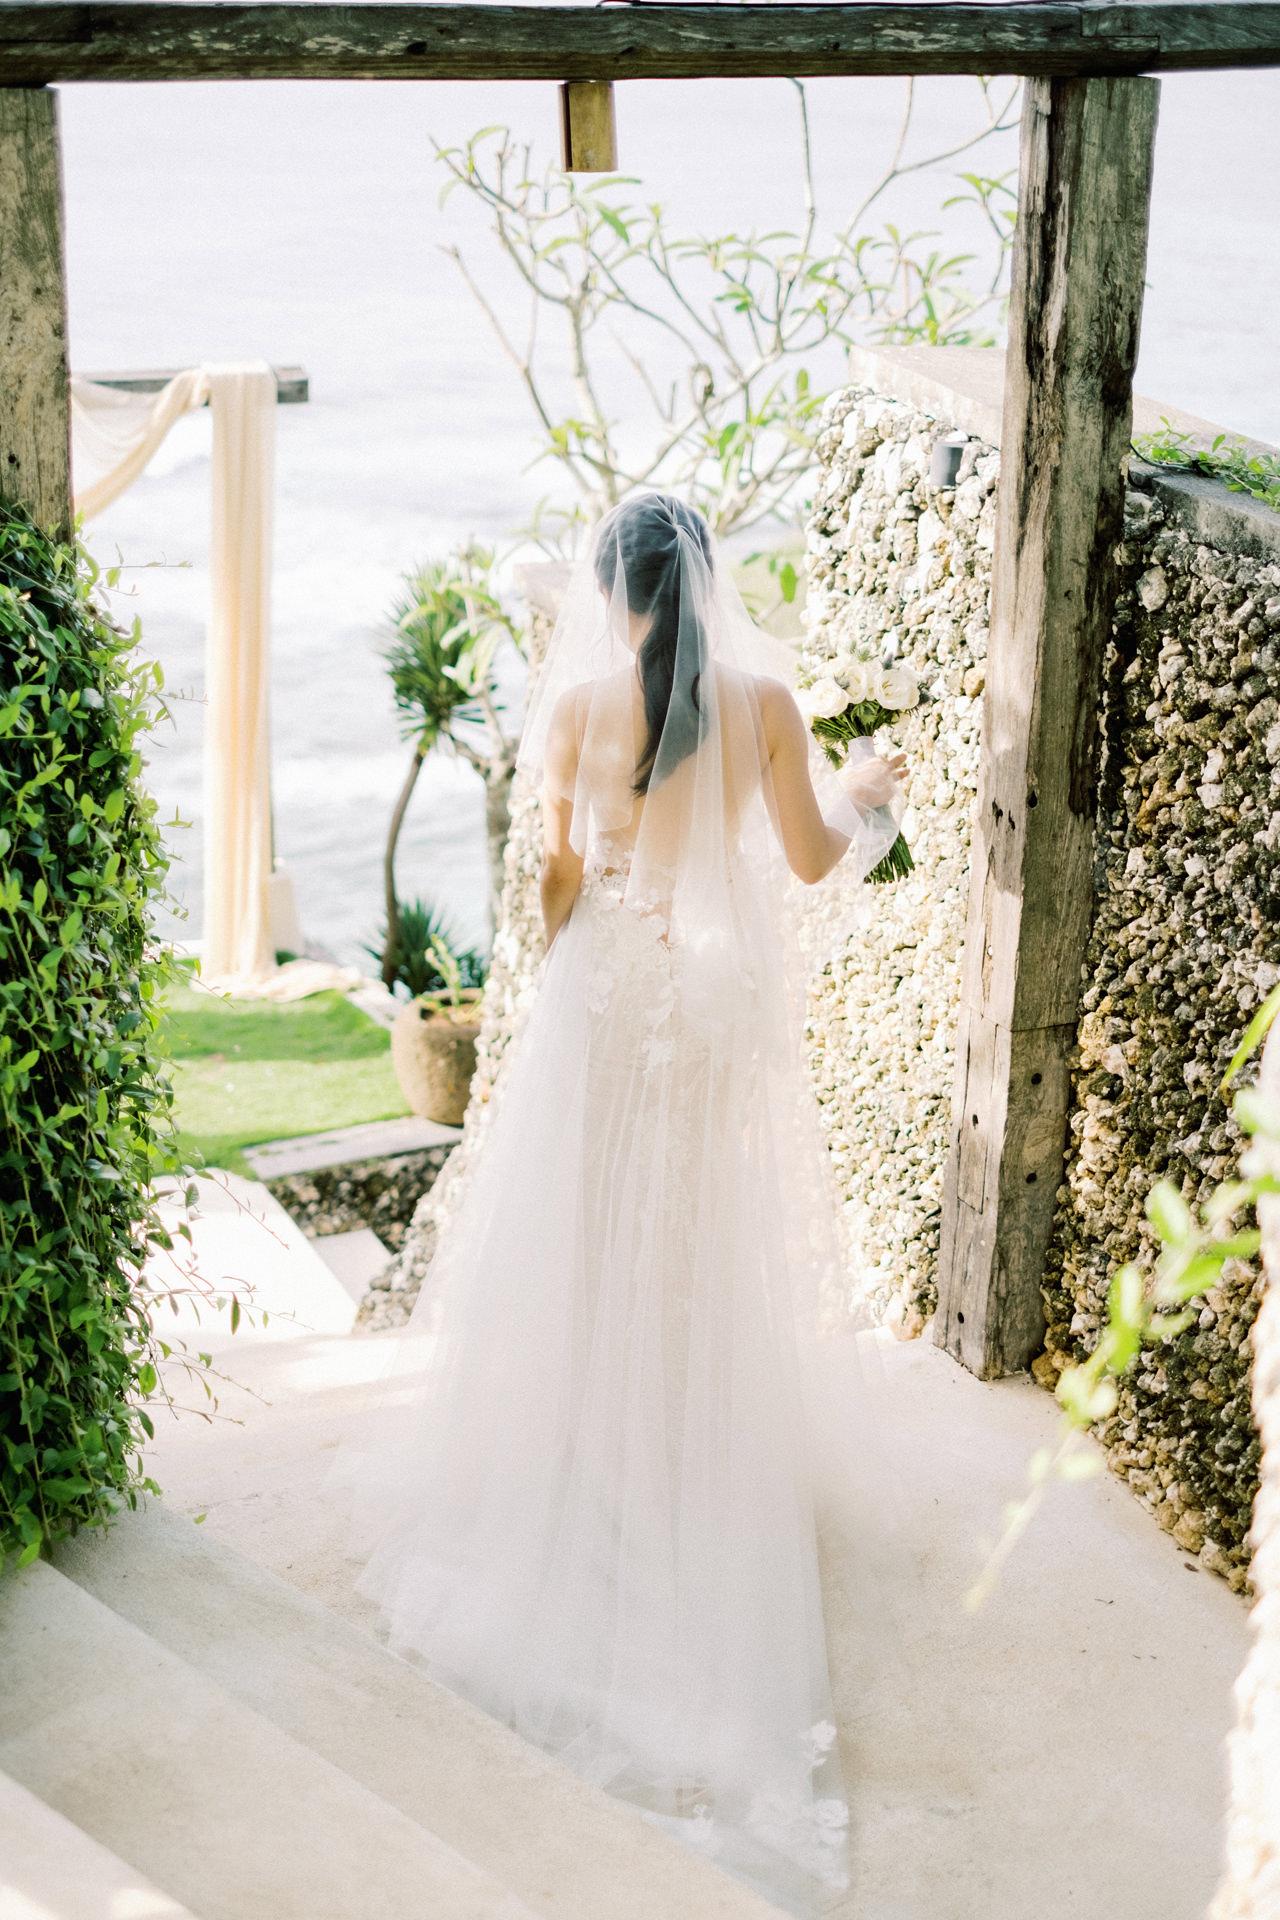 Bali Wedding First Look Idea